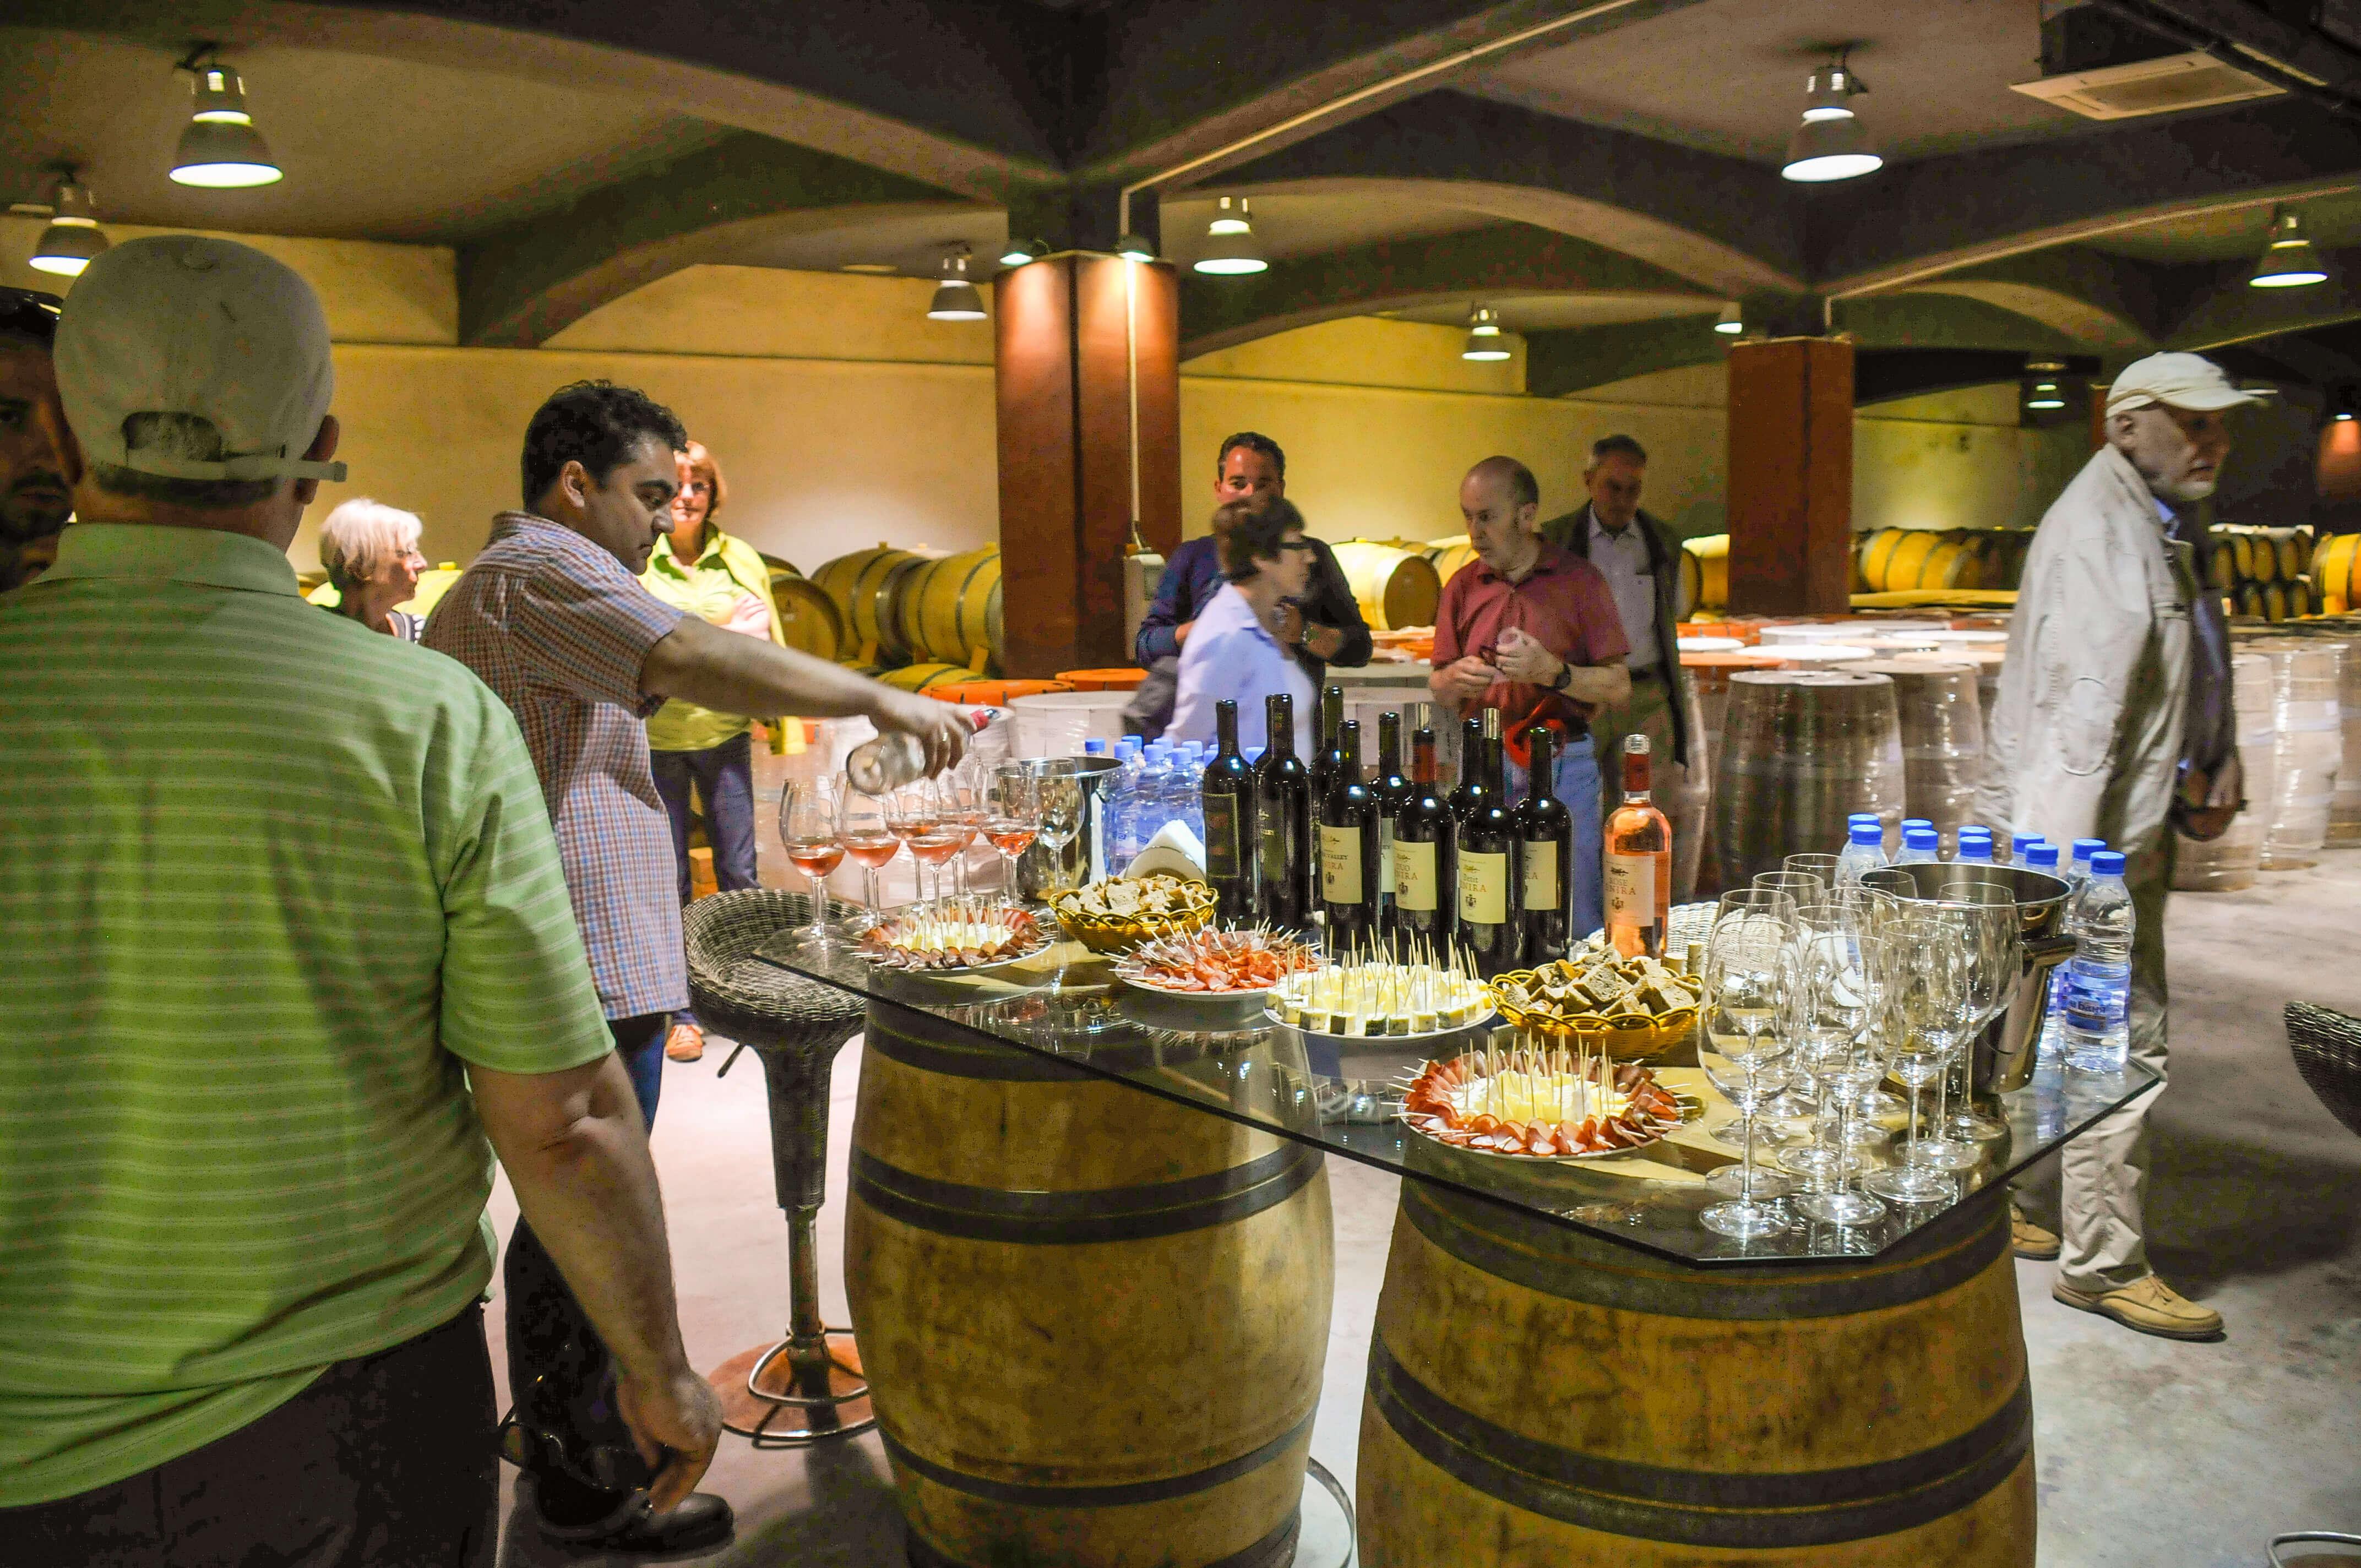 Die Weinverkostung ist ein typisches Highlight